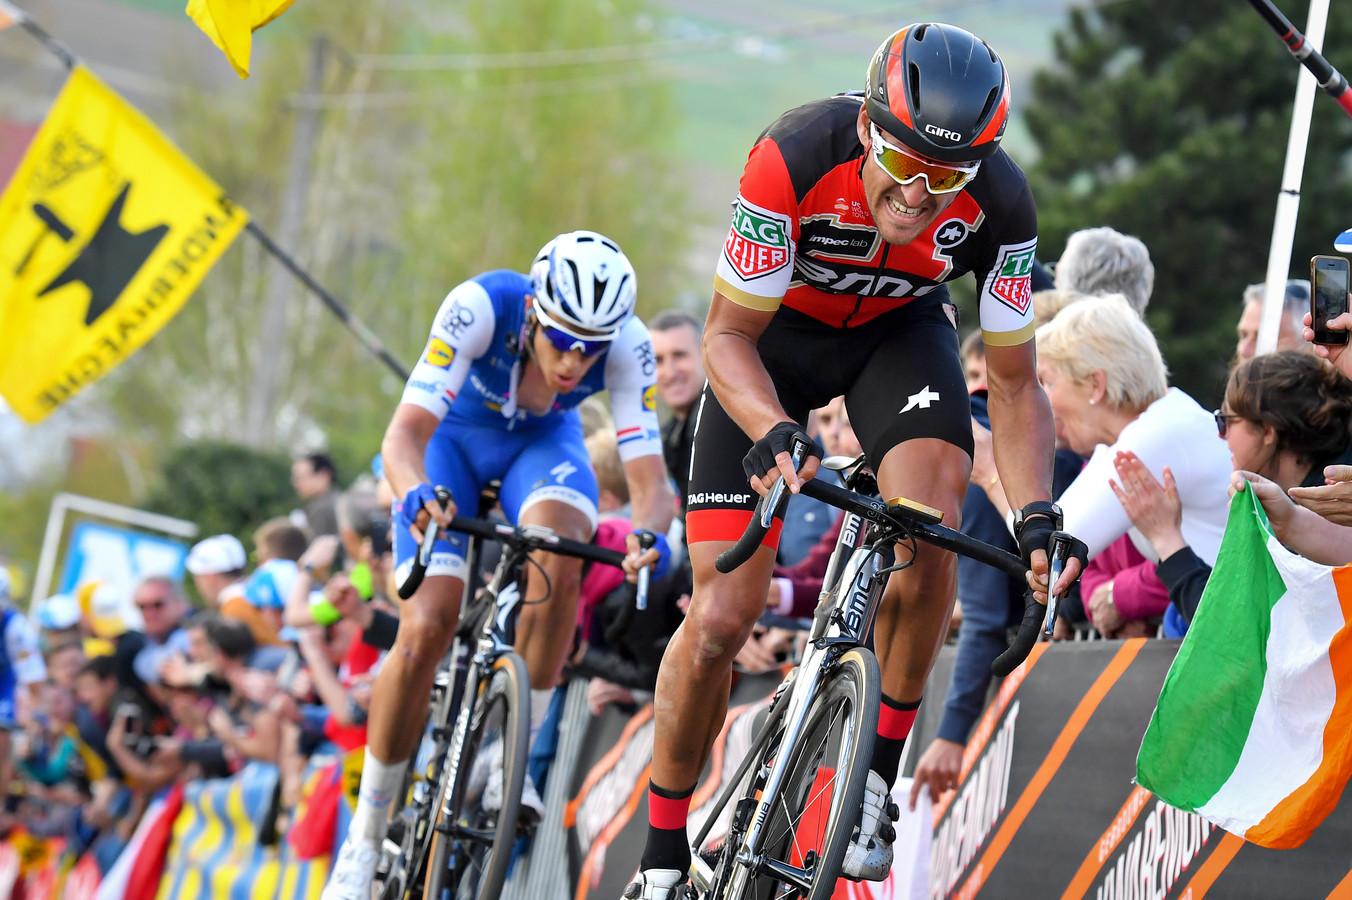 Tombé dans le Vieux Quaremont, en même temps que Peter Sagan et Oliver Naesen, Greg Van Avermaet se contente de la deuxième place en 2017, derrière Philippe Gilbert.